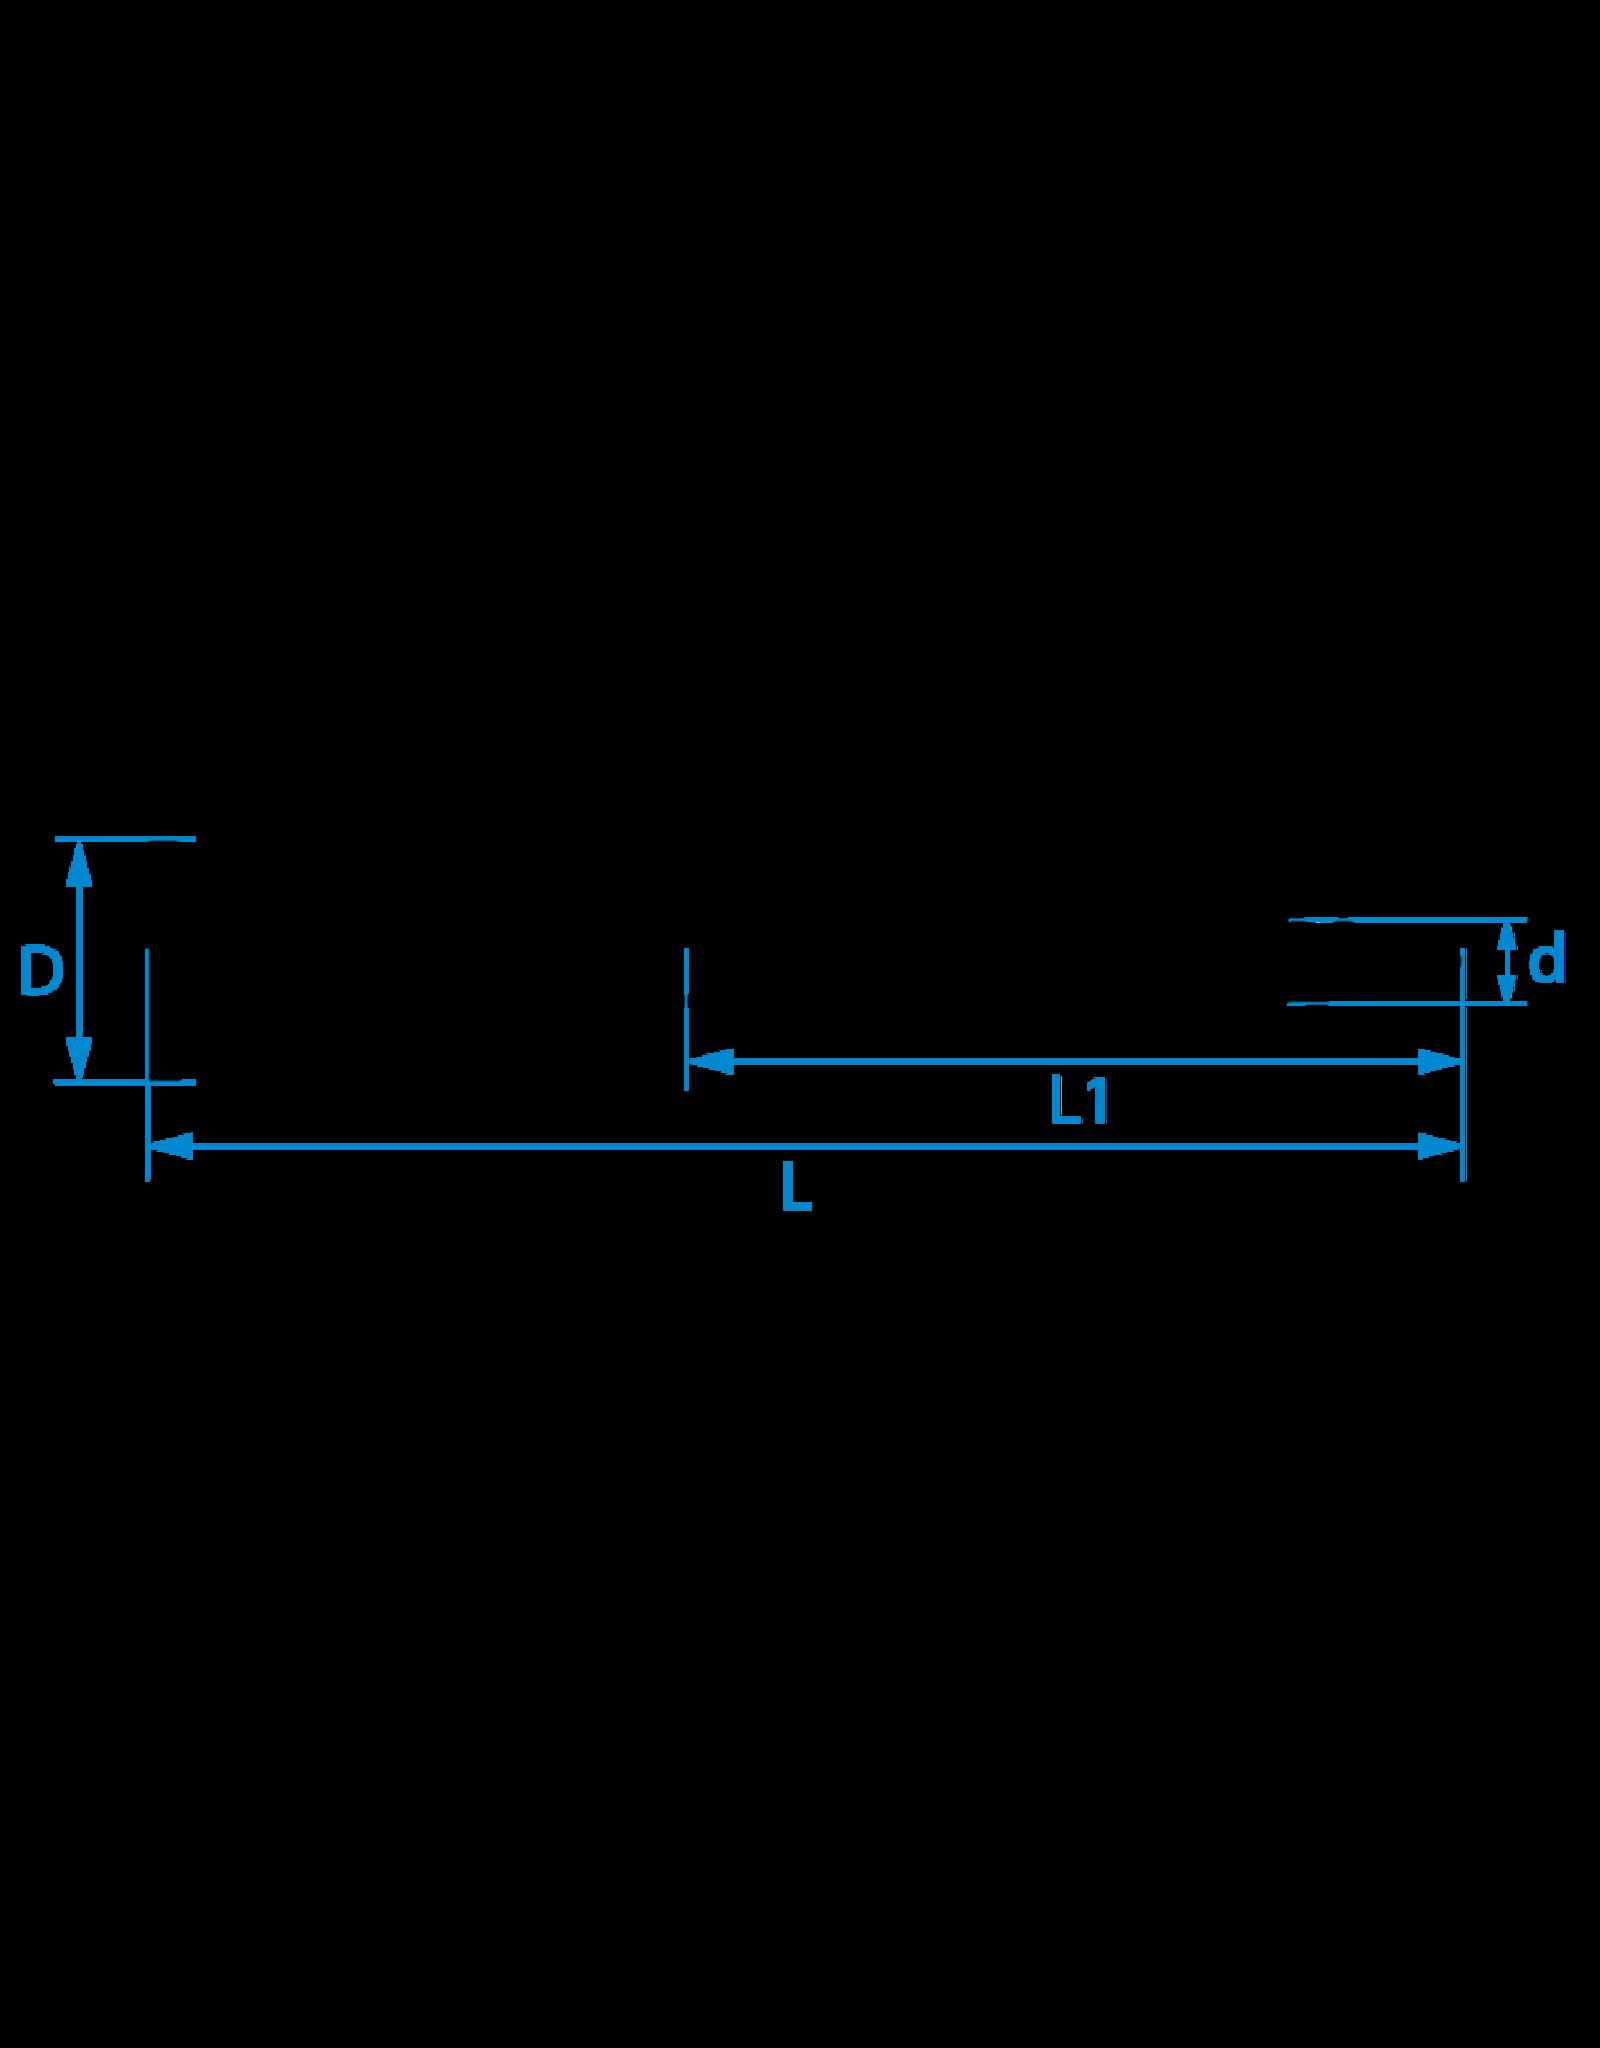 Spaanplaatschroeven platkop 6.0x50 TX-25 staal gehard verzinkt per 200 stuks